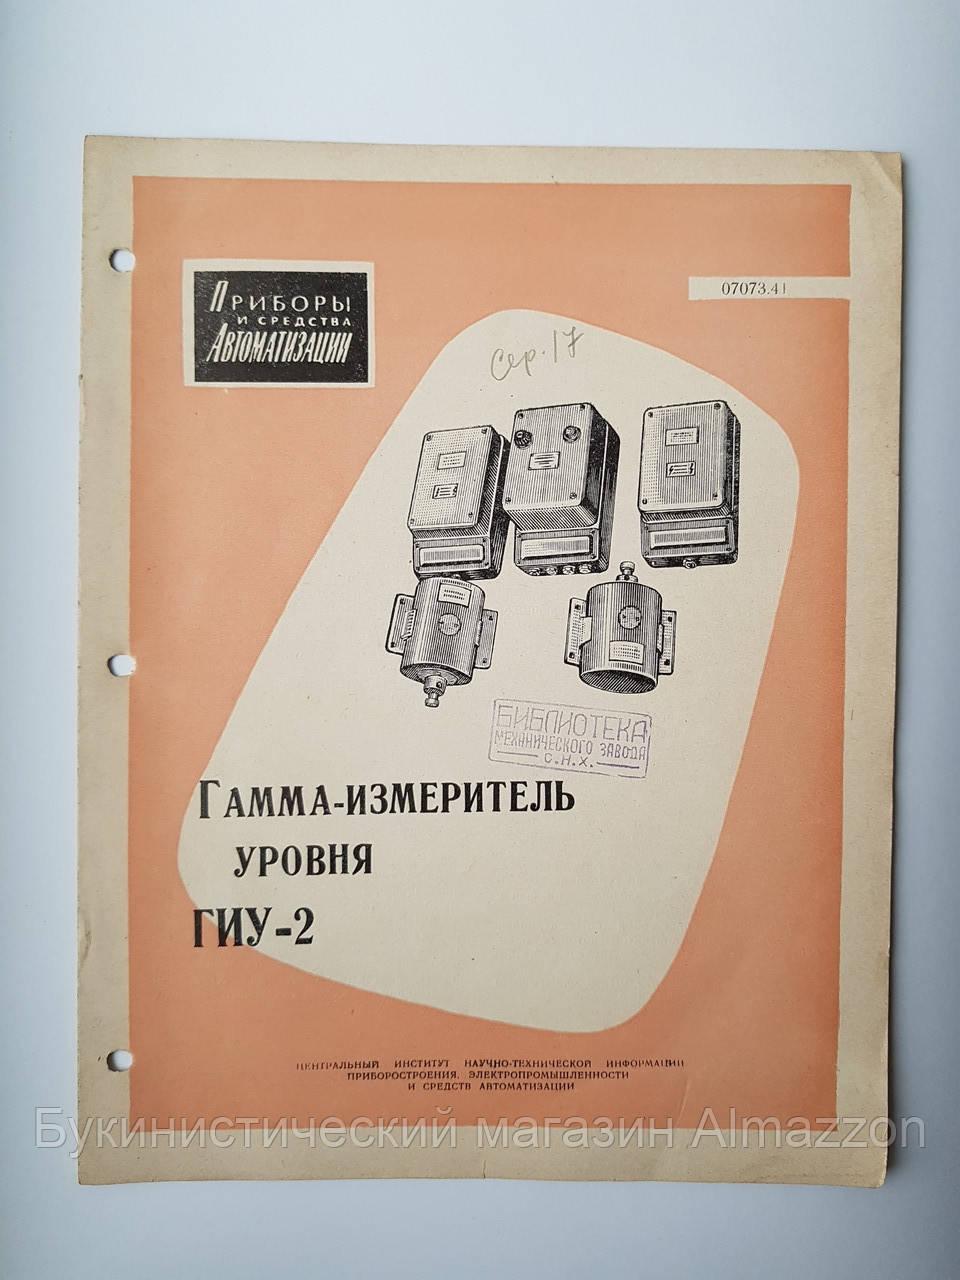 """Журнал (Бюллетень) """"Гамма-измеритель уровня ГИУ-2  07073.41 """" 1962 г."""